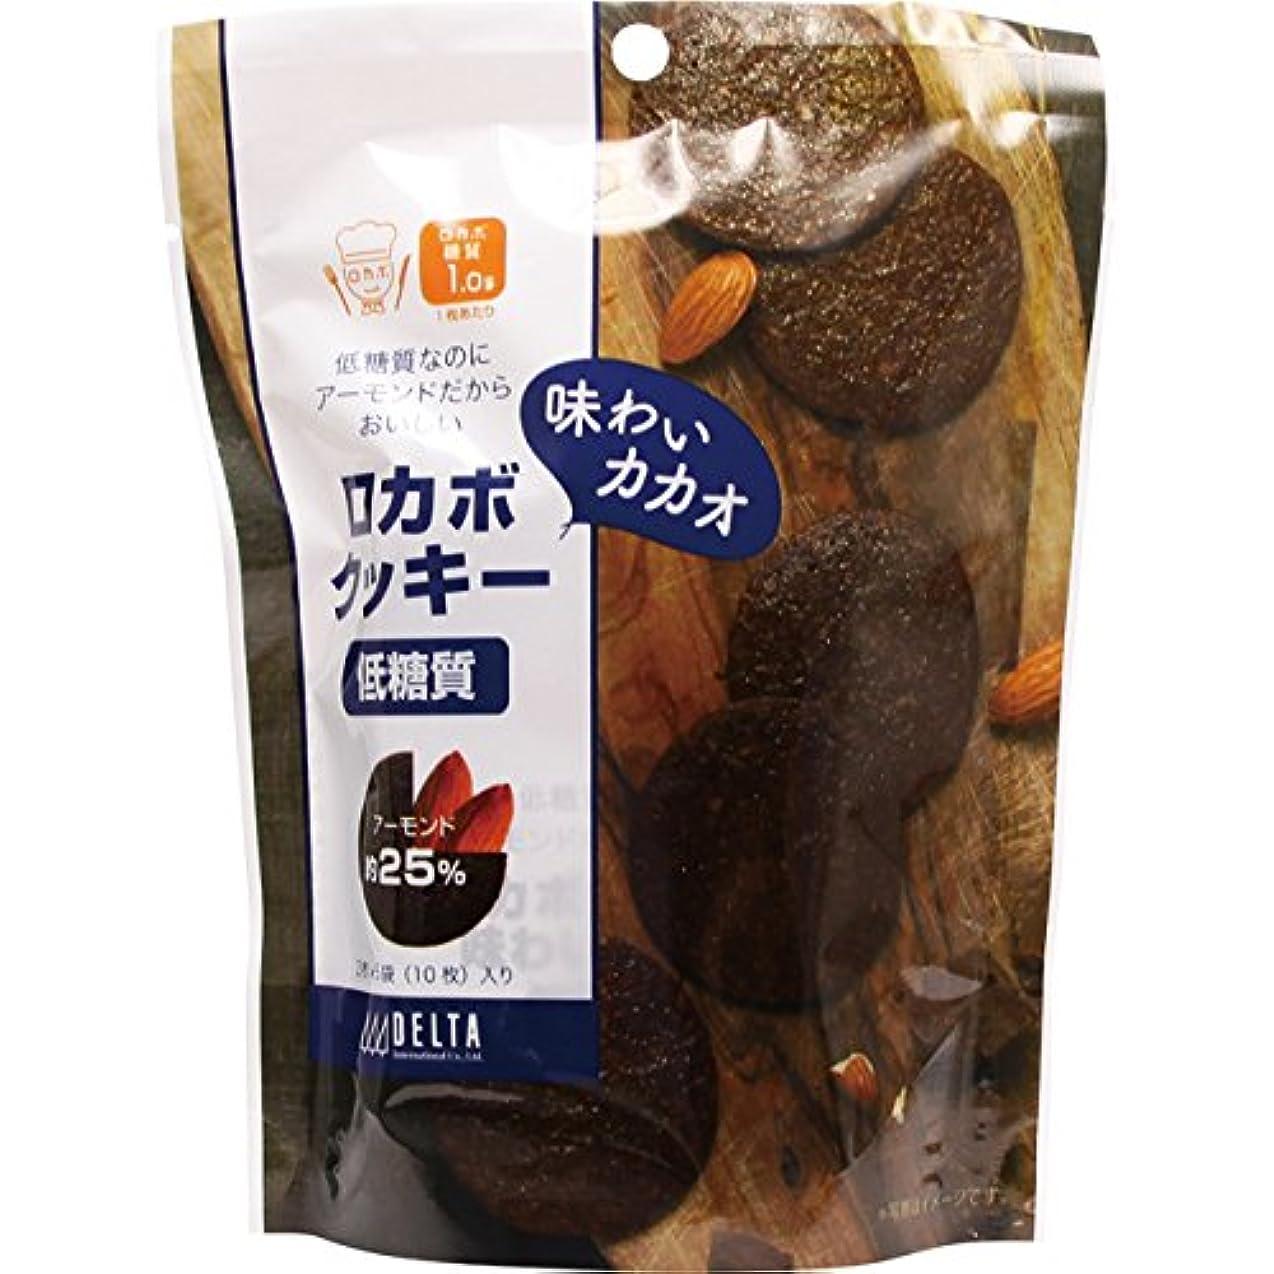 ワーディアンケース郵便局調整デルタ 低糖質 ロカボクッキー 味わいカカオ 10枚【5個セット】